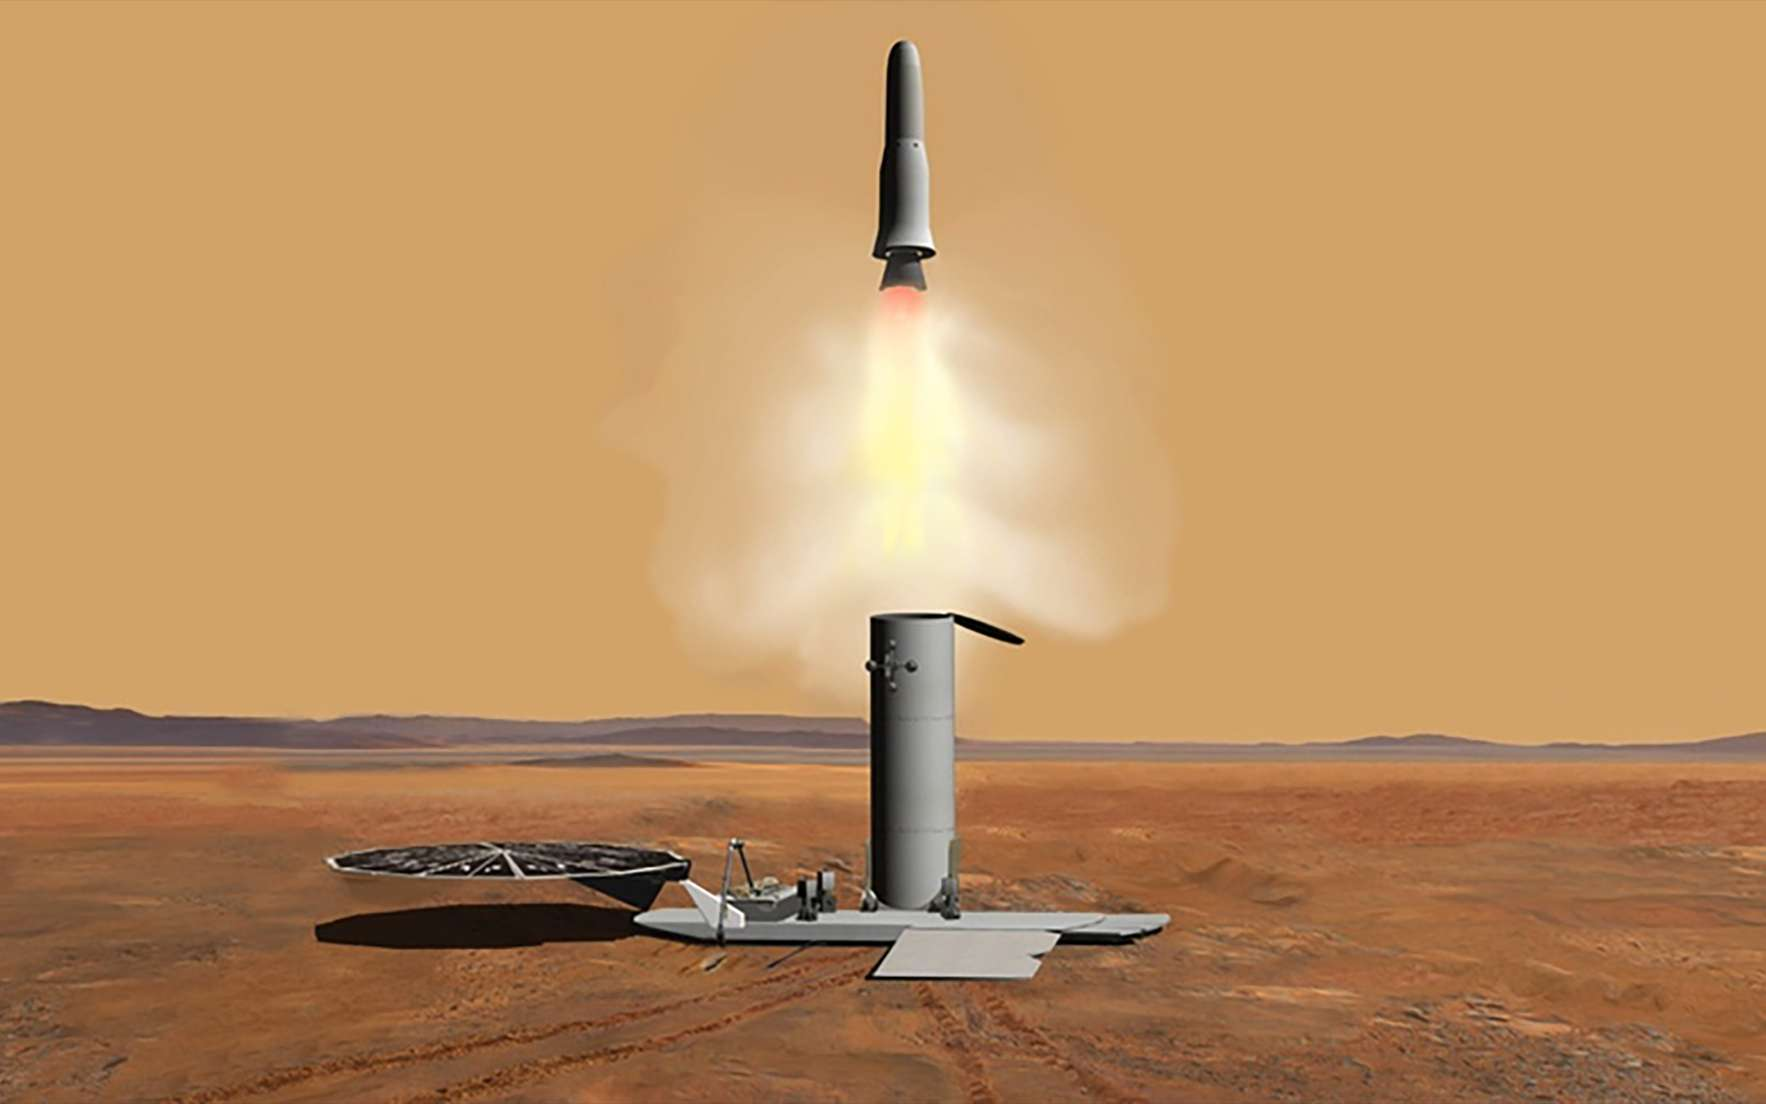 Étude conceptuelle d'un véhicule d'ascension martien (MAV) réalisée dans le cadre d'une mission de retour d'échantillons martiens. © Nasa, JPL-Caltech